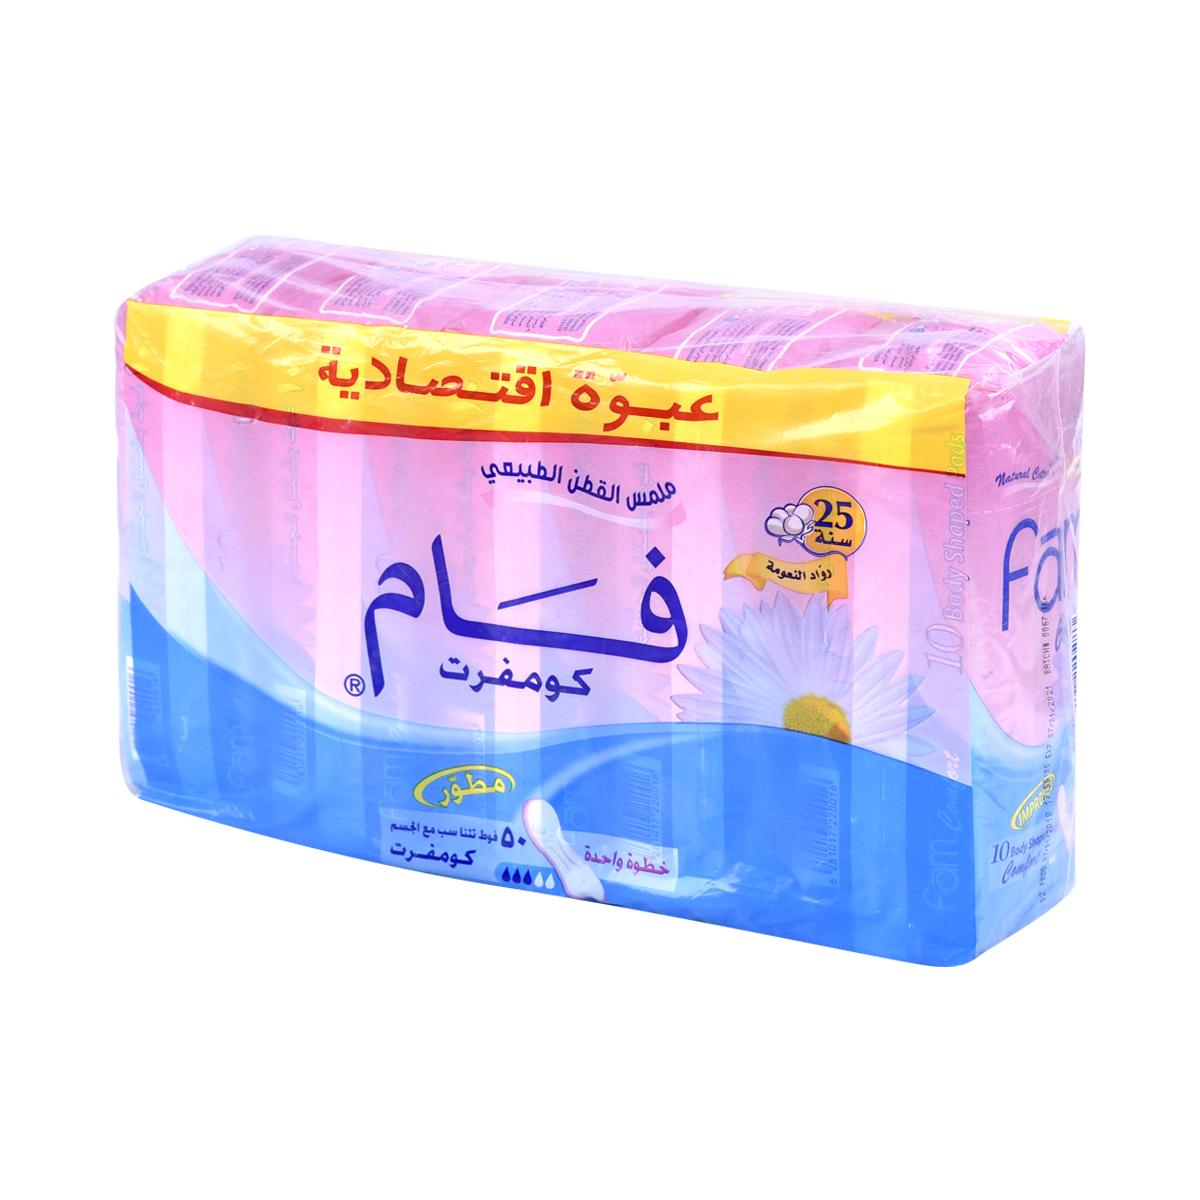 فوط صحية  قطن ناعم من فام كومفرت ، 50 فوطة